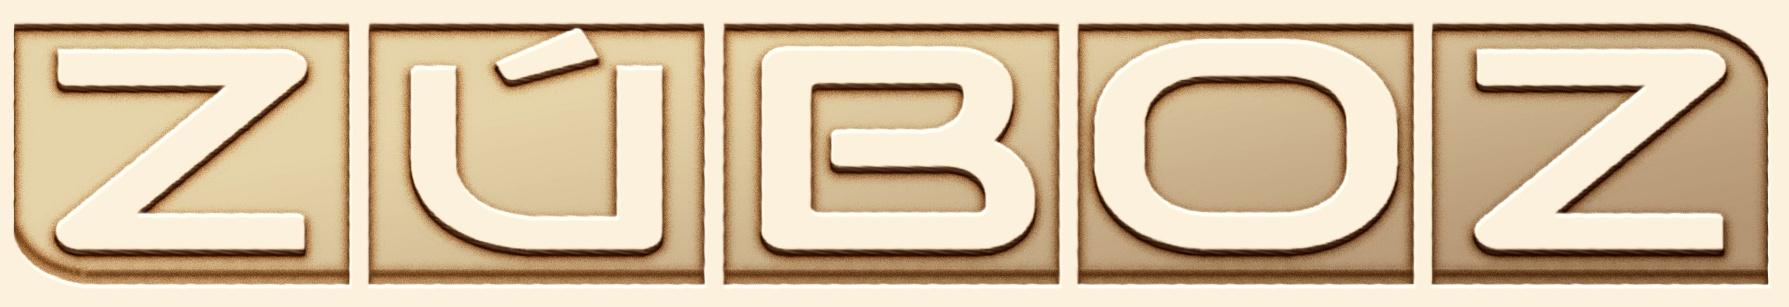 ZUBOZ_zakladni logo